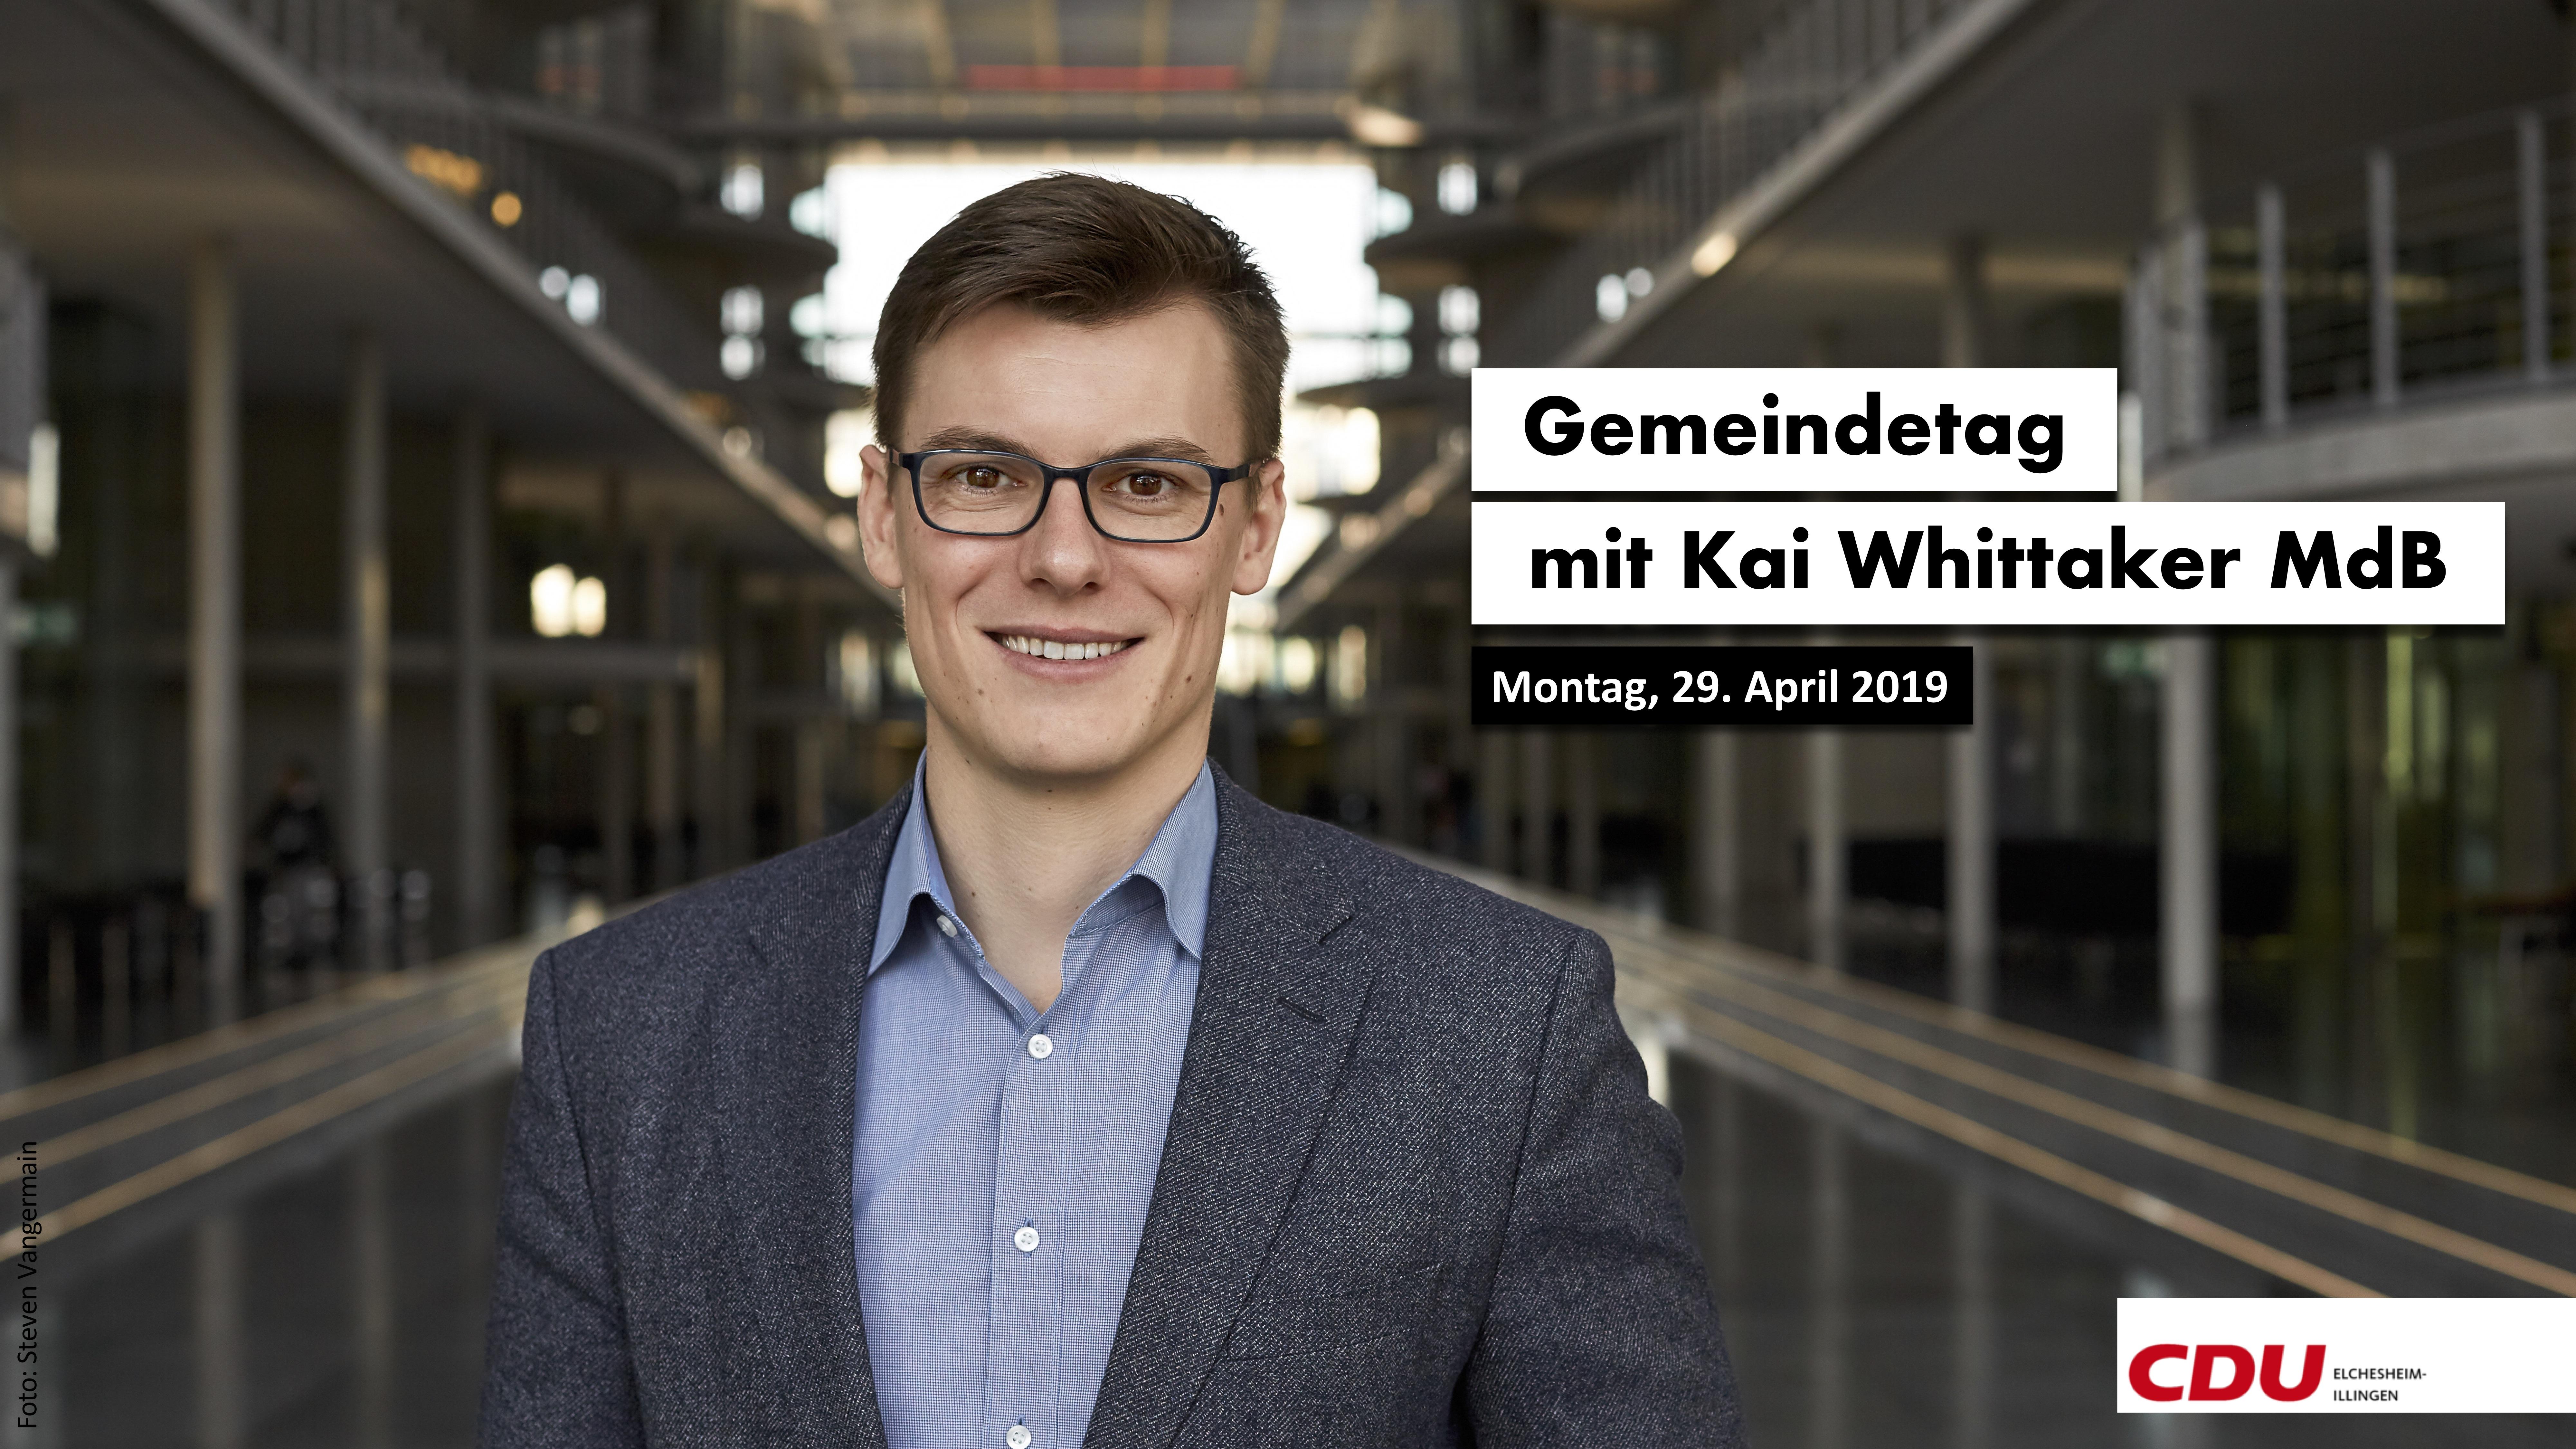 Gemeindetag mit Kai Whittaker MdB